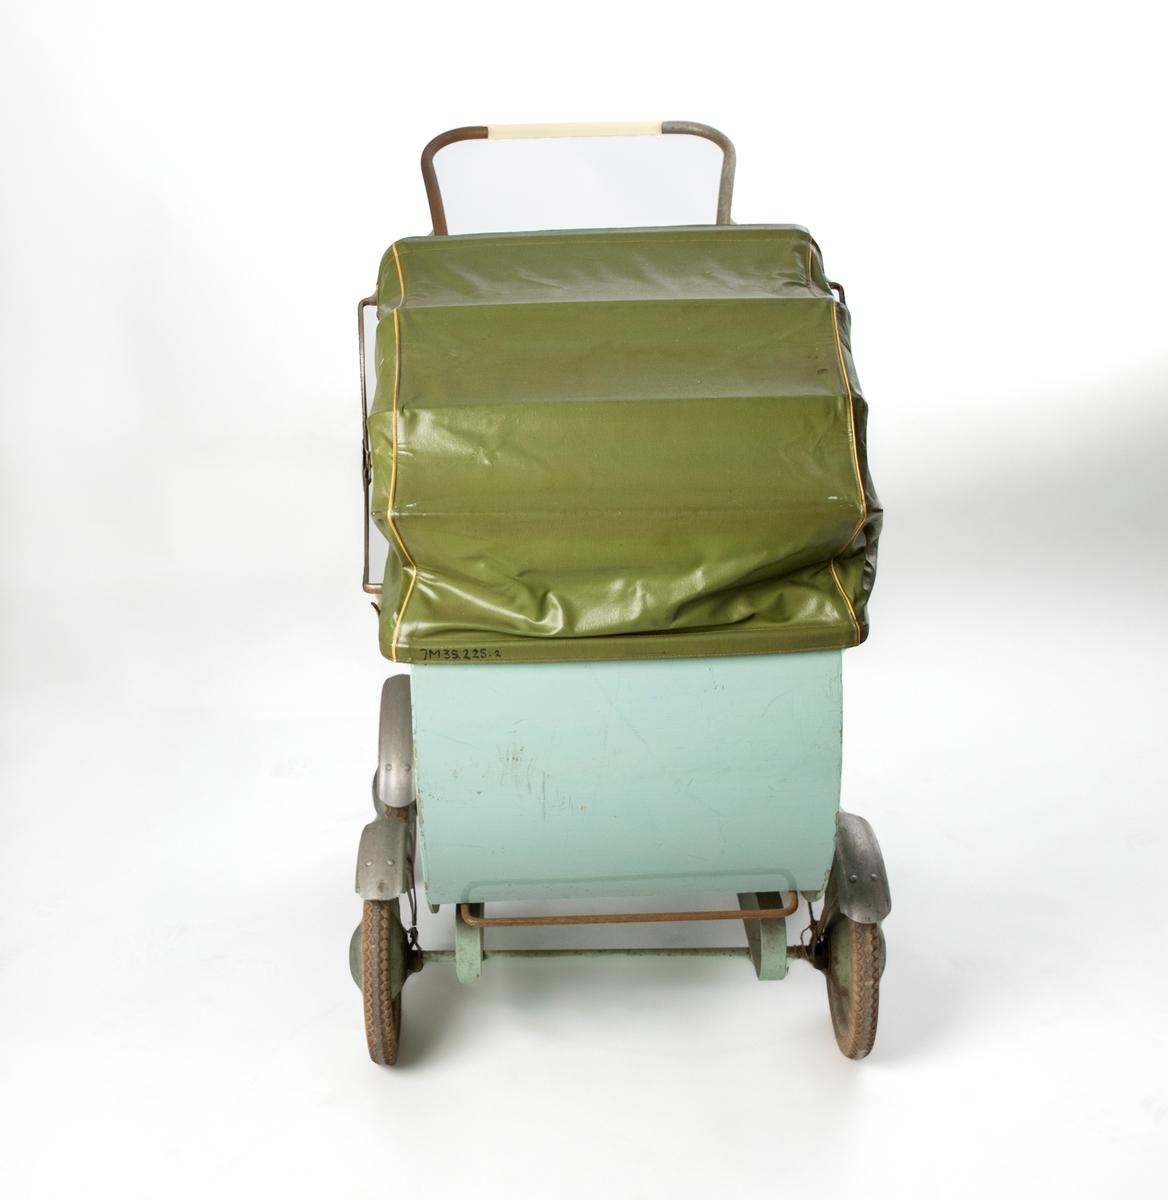 """Ljusgrön barnvagn av trä med rundade nederkanter, delvis rostigt handtag, vit plast i framkanten. Firmamärke: """"F Ö (däremellan en figur), svensk tillverkning"""". Grönmålade gummihjul med stänkskärmar av plåt. Till vagnen hör även sufflett JM 35.225:2, löstagbart av grön nylon, och vindskydd JM 35.225:3 av grön galon med fönsterruta av genomskinlig plast. Fjädringen hålls uppe med hjälp av läderremmar som sitter mellan fram och bakhjulen på vardera sida.  Vikt: 18,2 kg."""